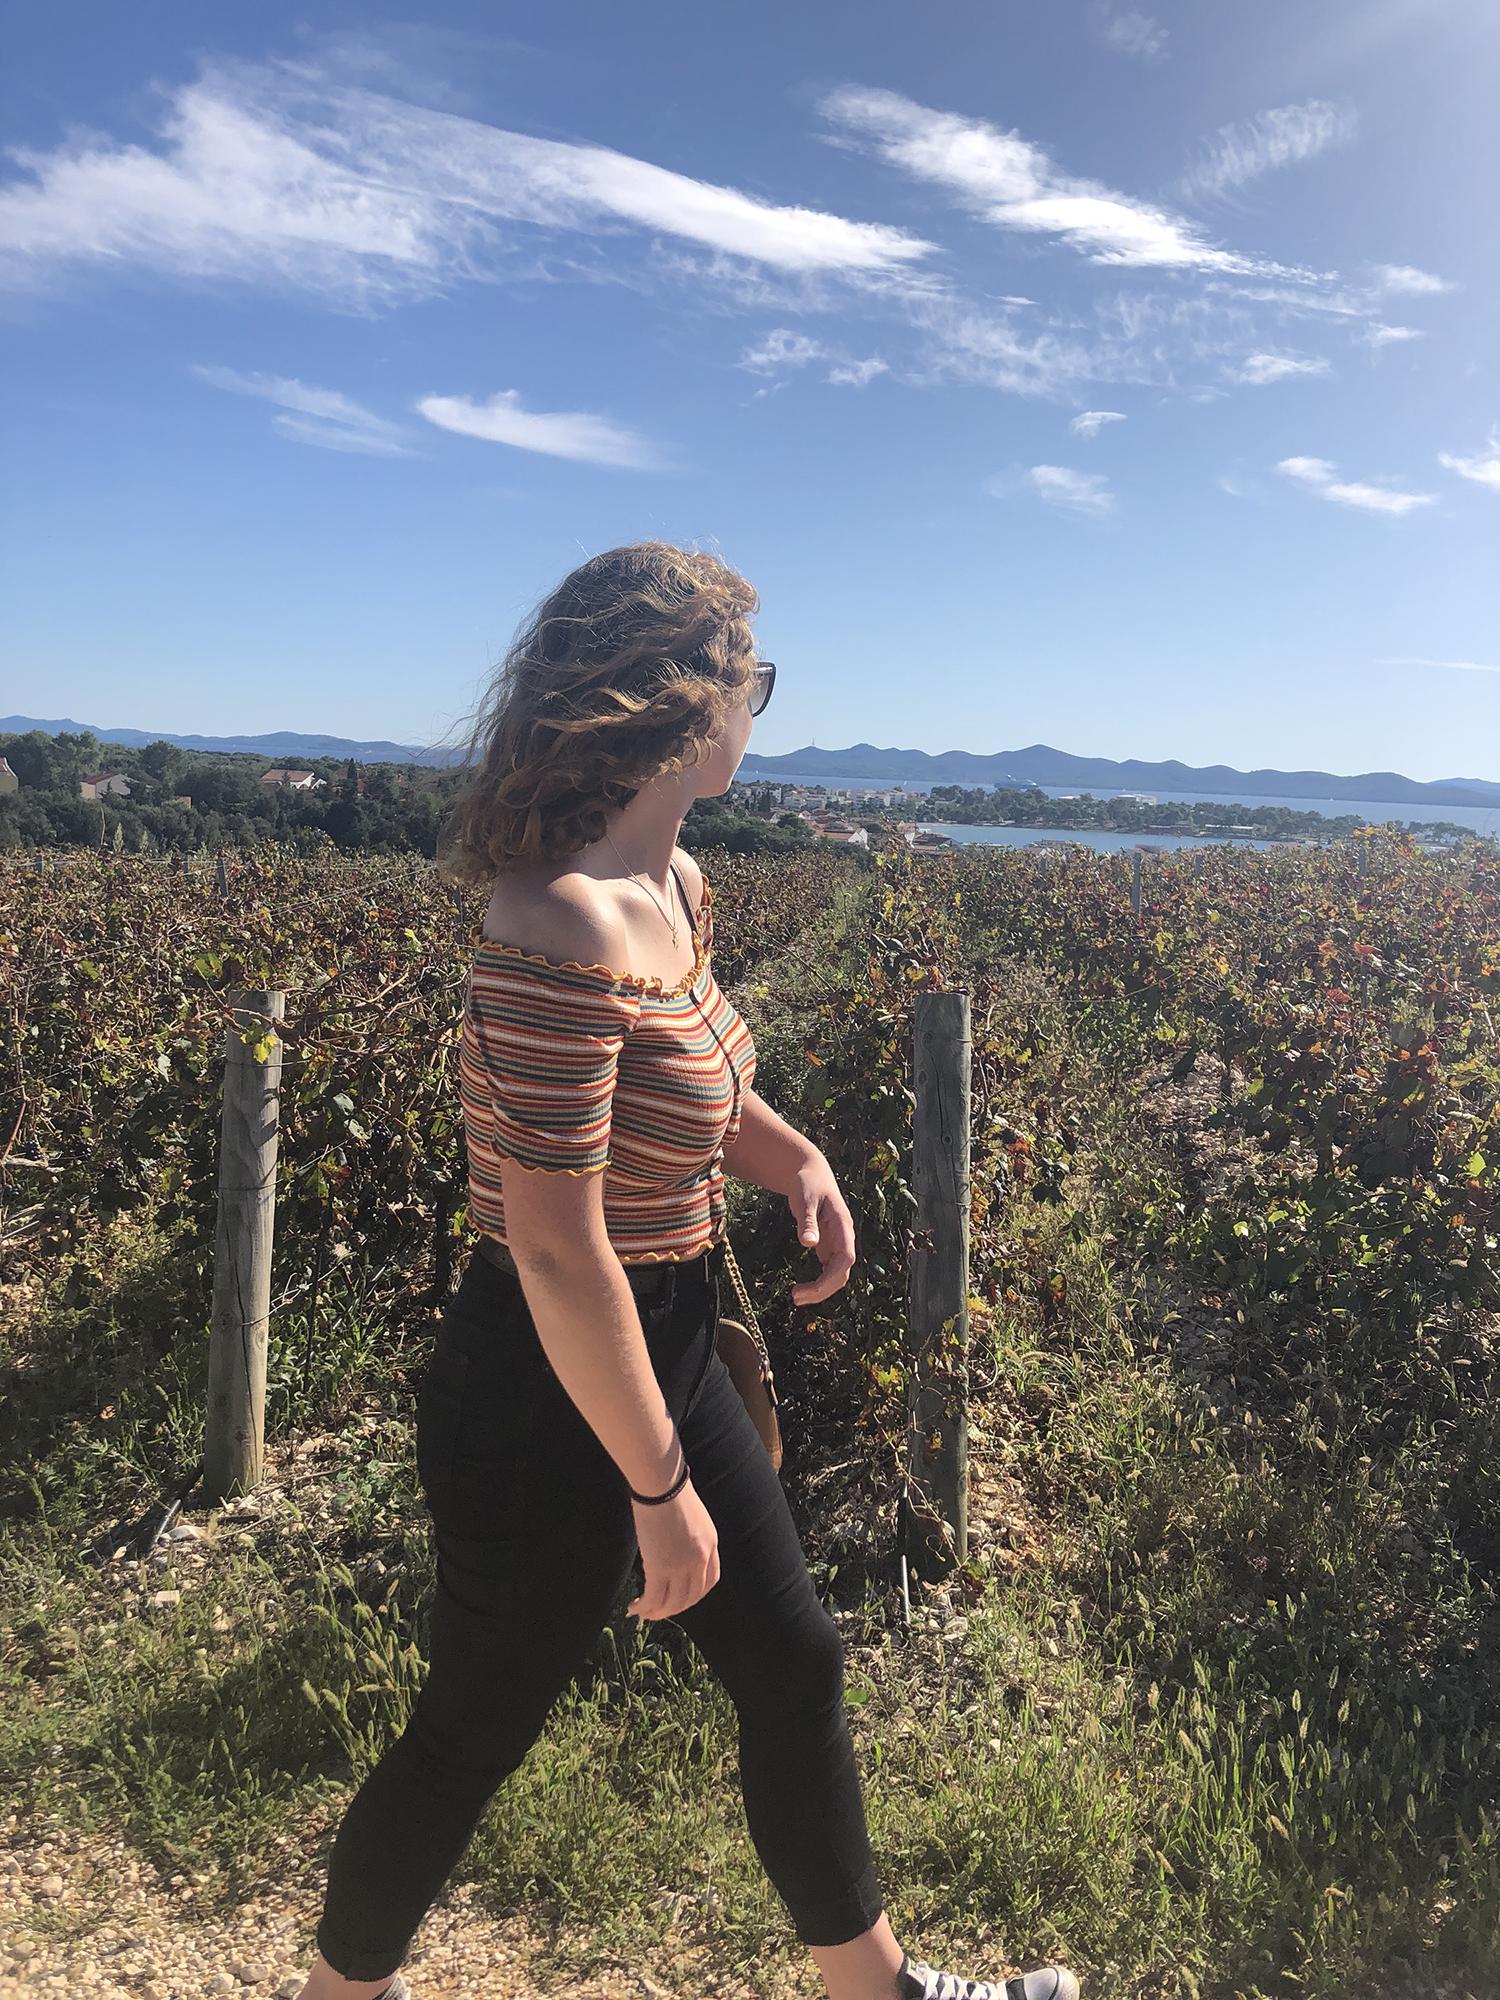 Ceiledh walking in a field